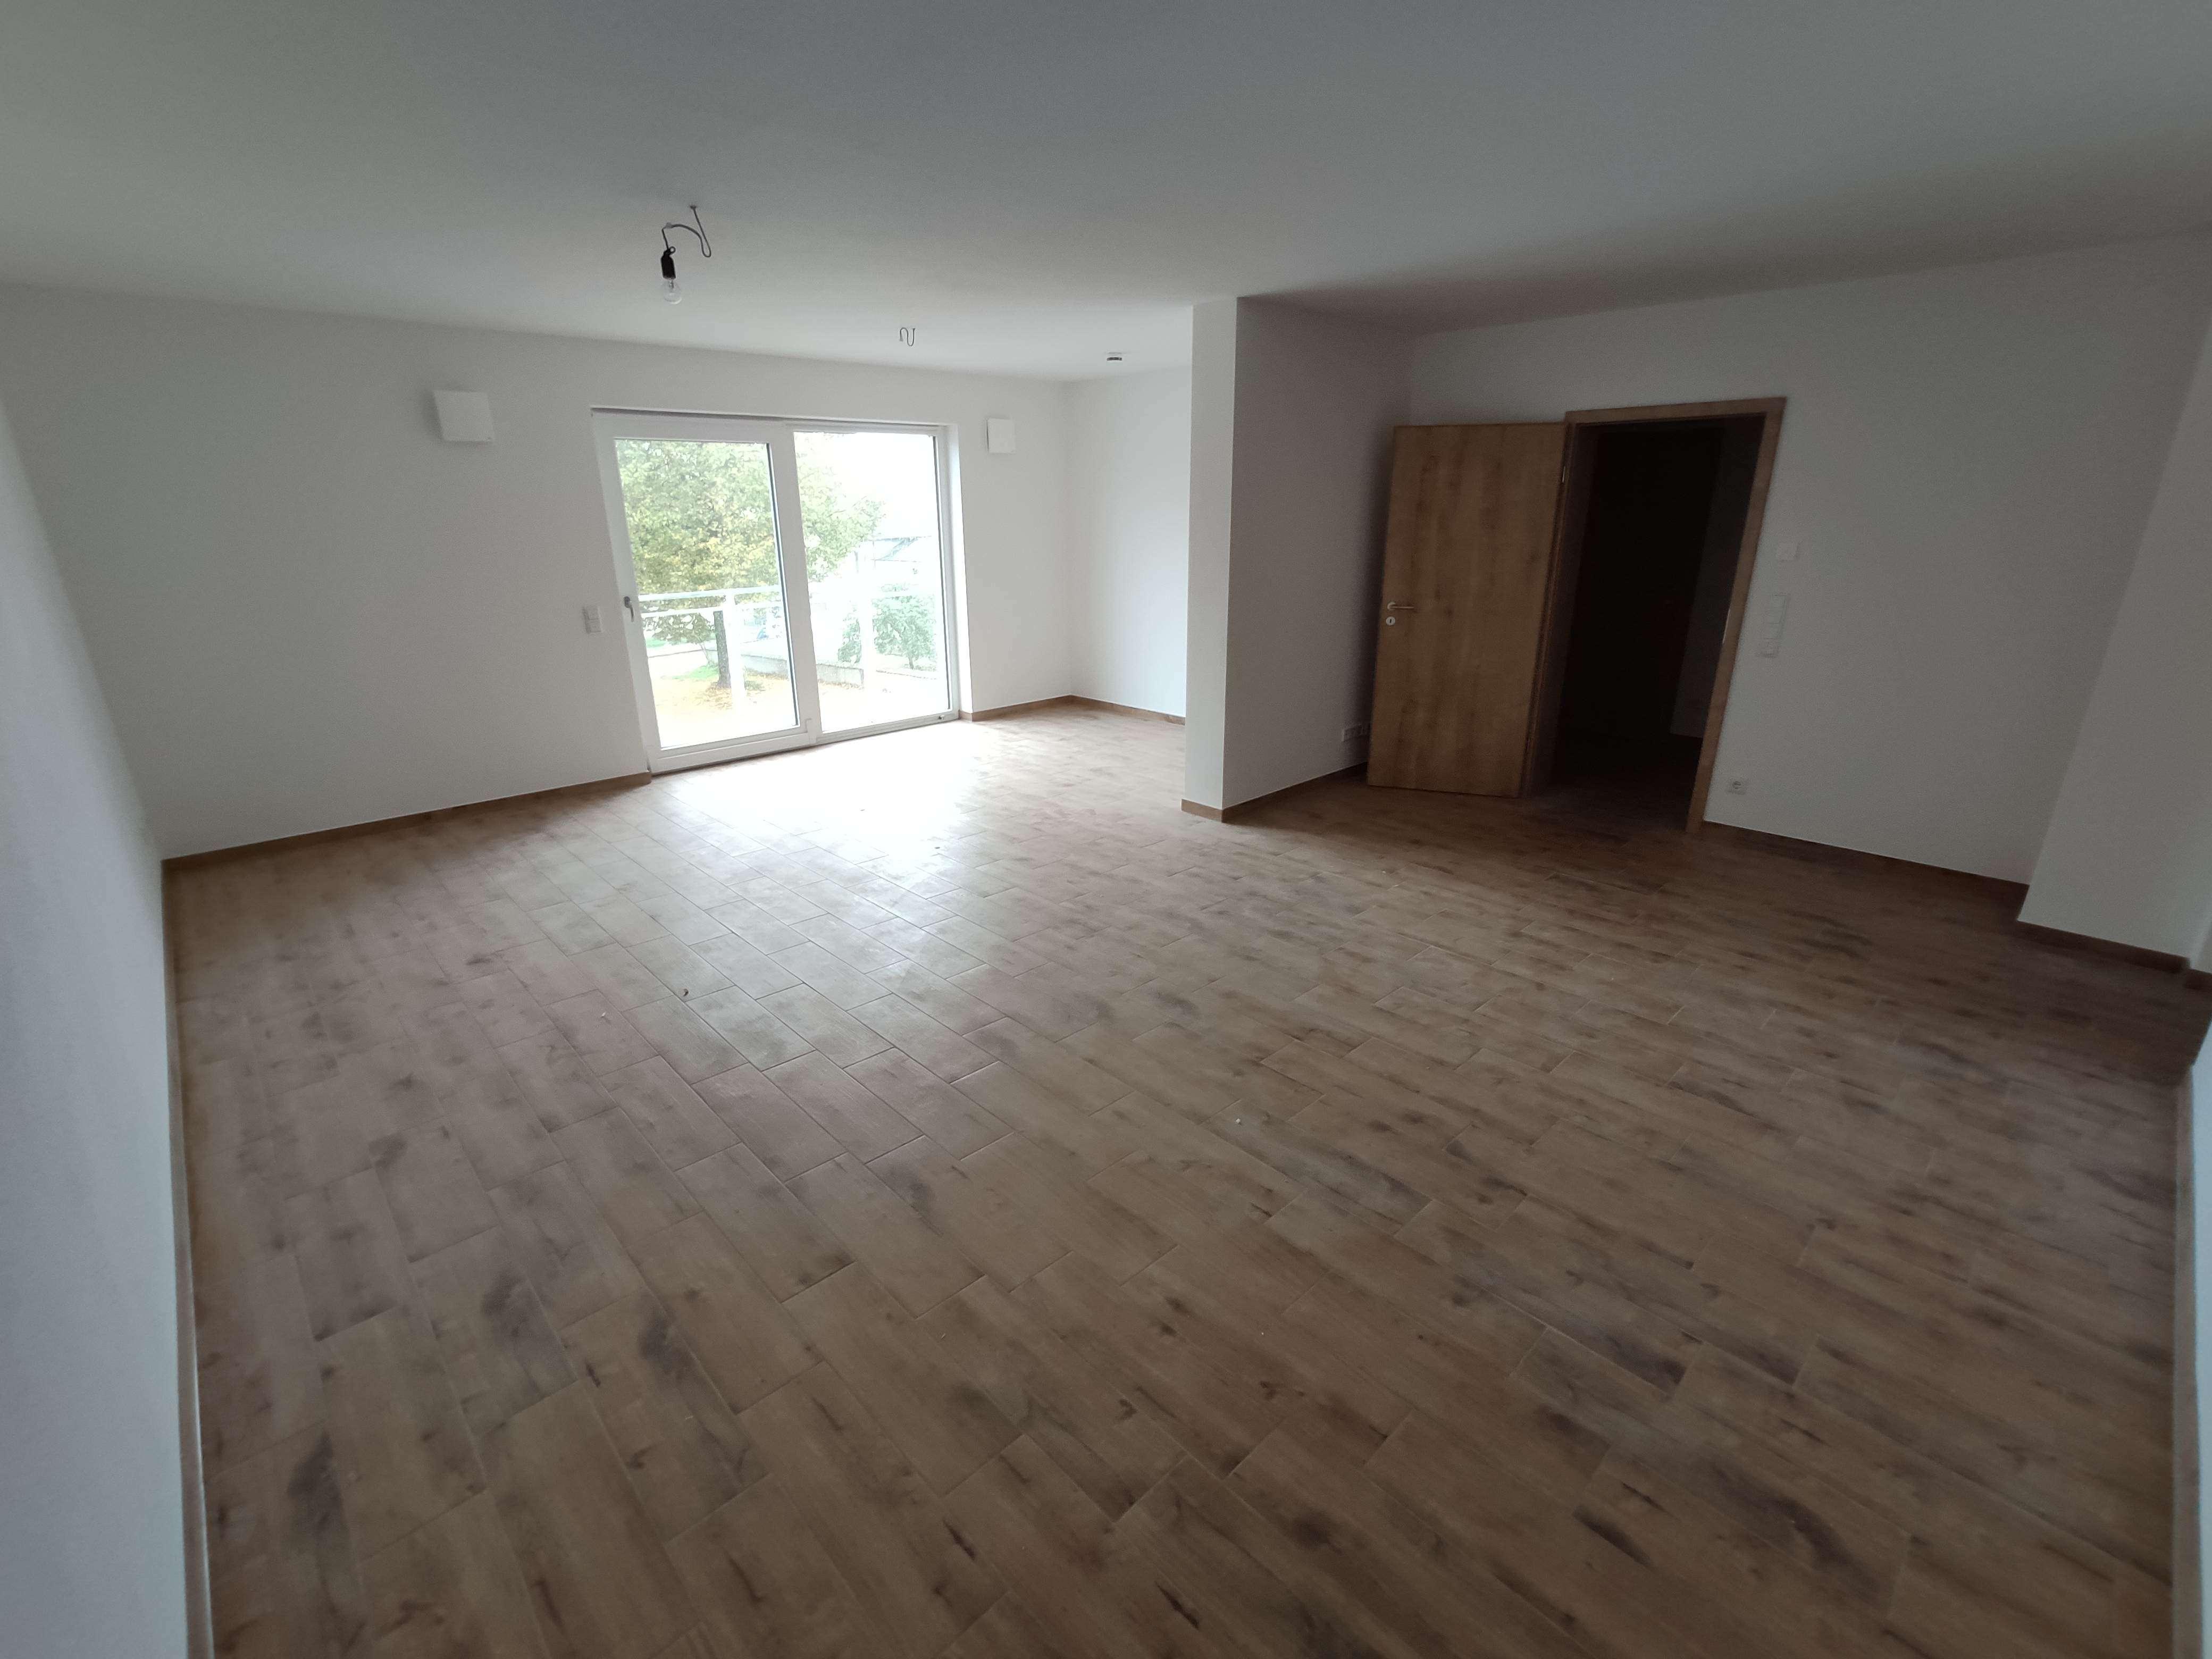 Erstbezug! Zweizimmerwohnung im ersten Obergeschoßin Vohburg zu vermieten in Vohburg an der Donau